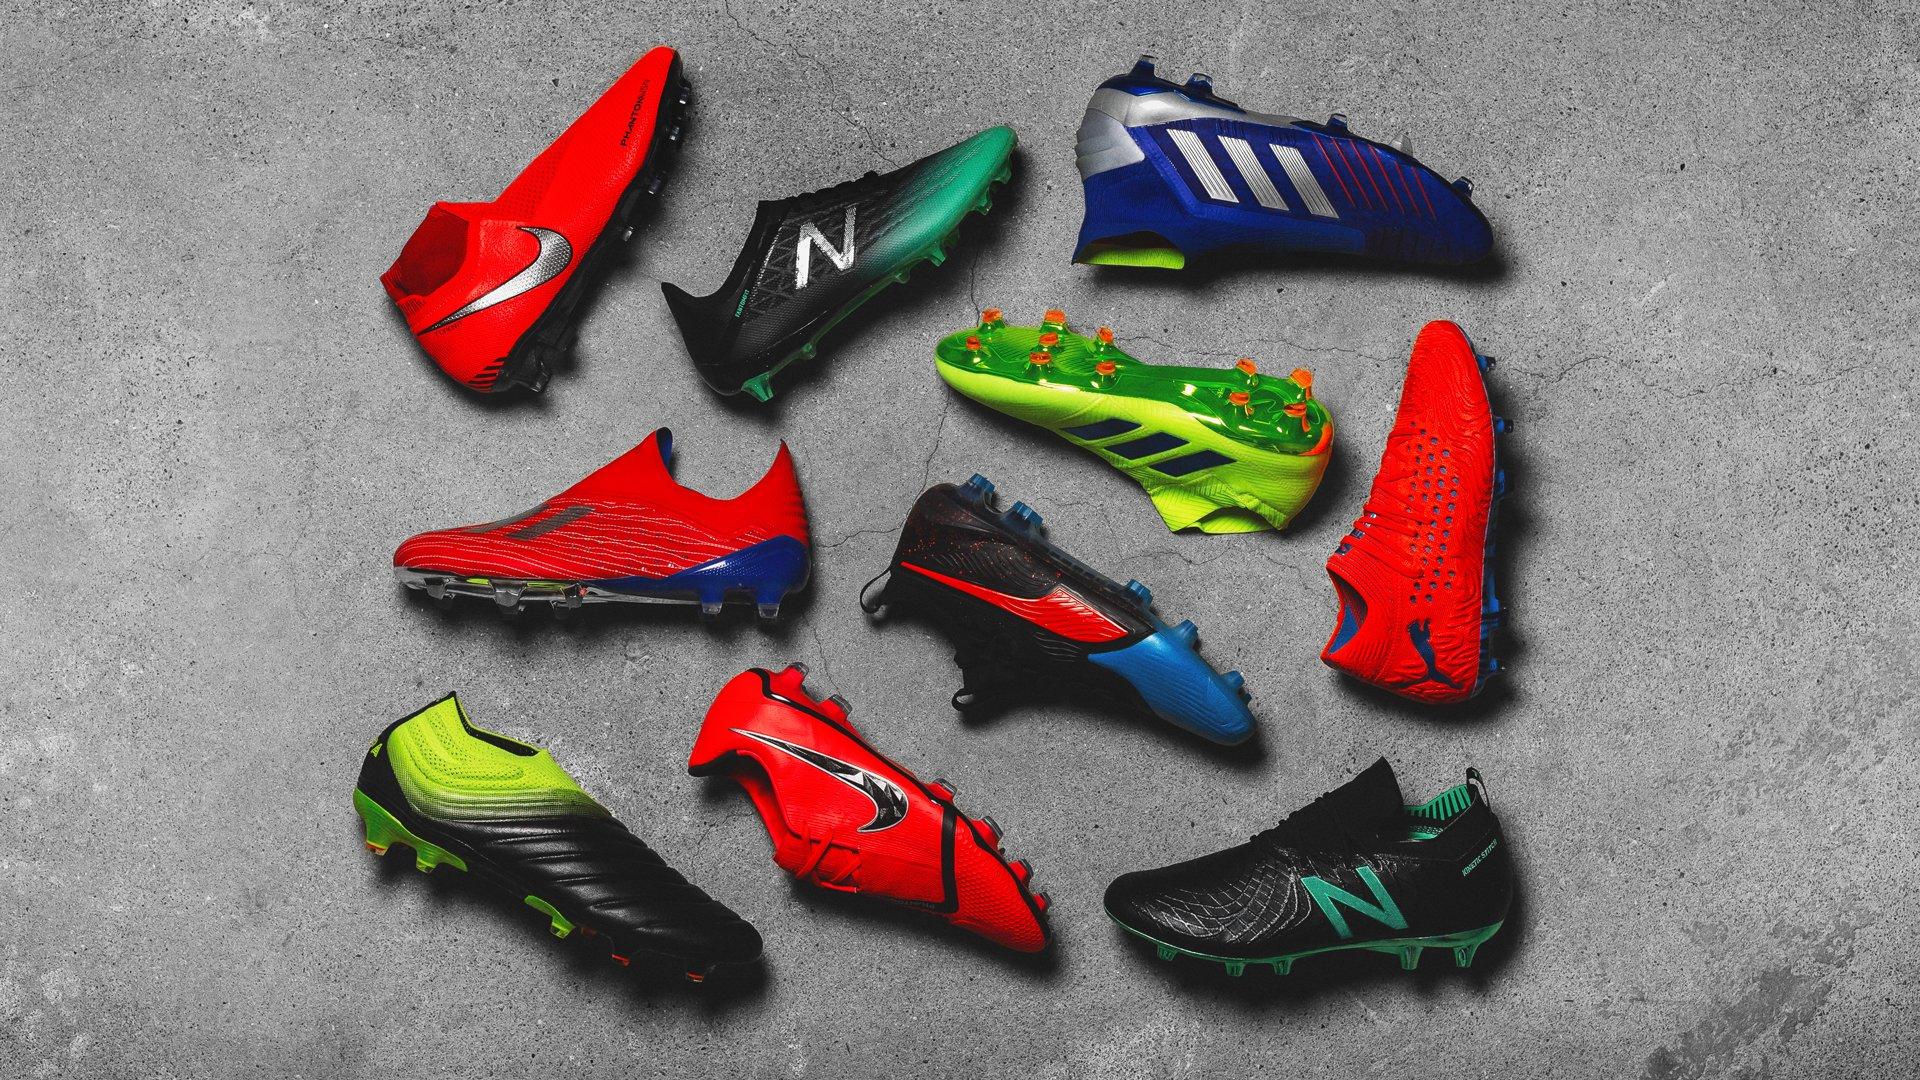 3a123694ef1 Nye fodboldstøvler | Se de seneste fodboldstøvler hos Unisport